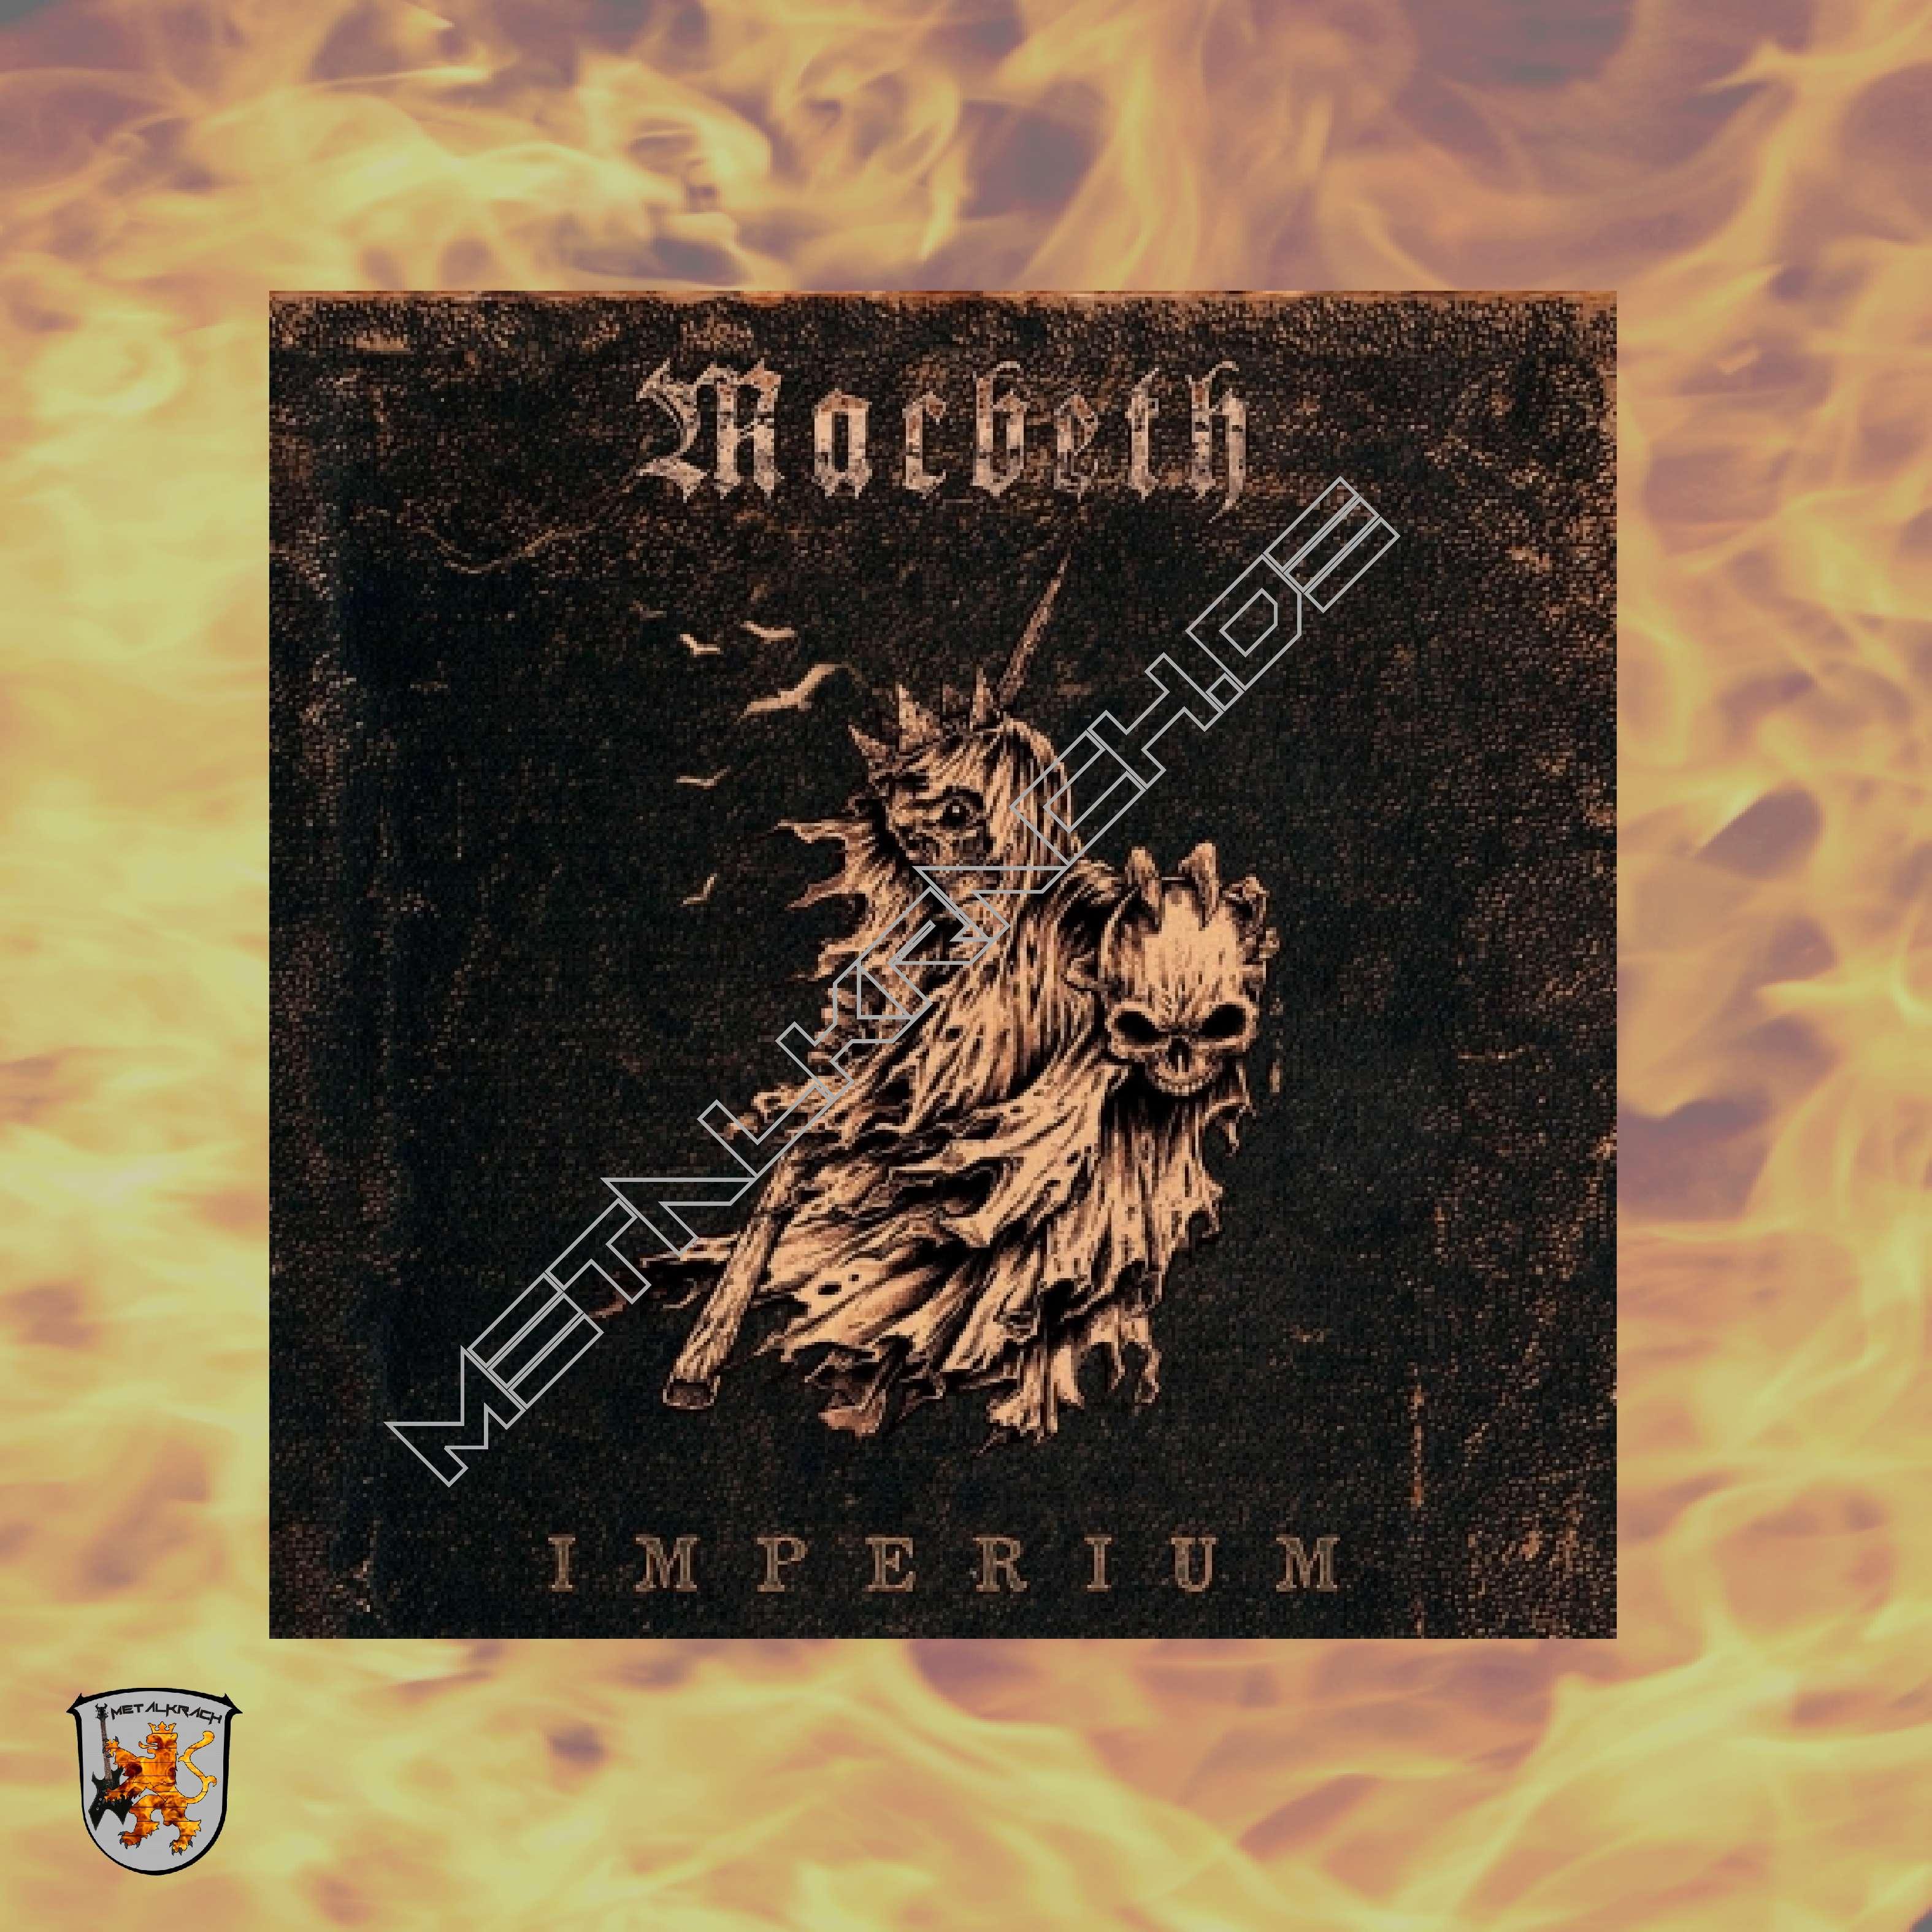 Macbeth_CD_Imperium_2015